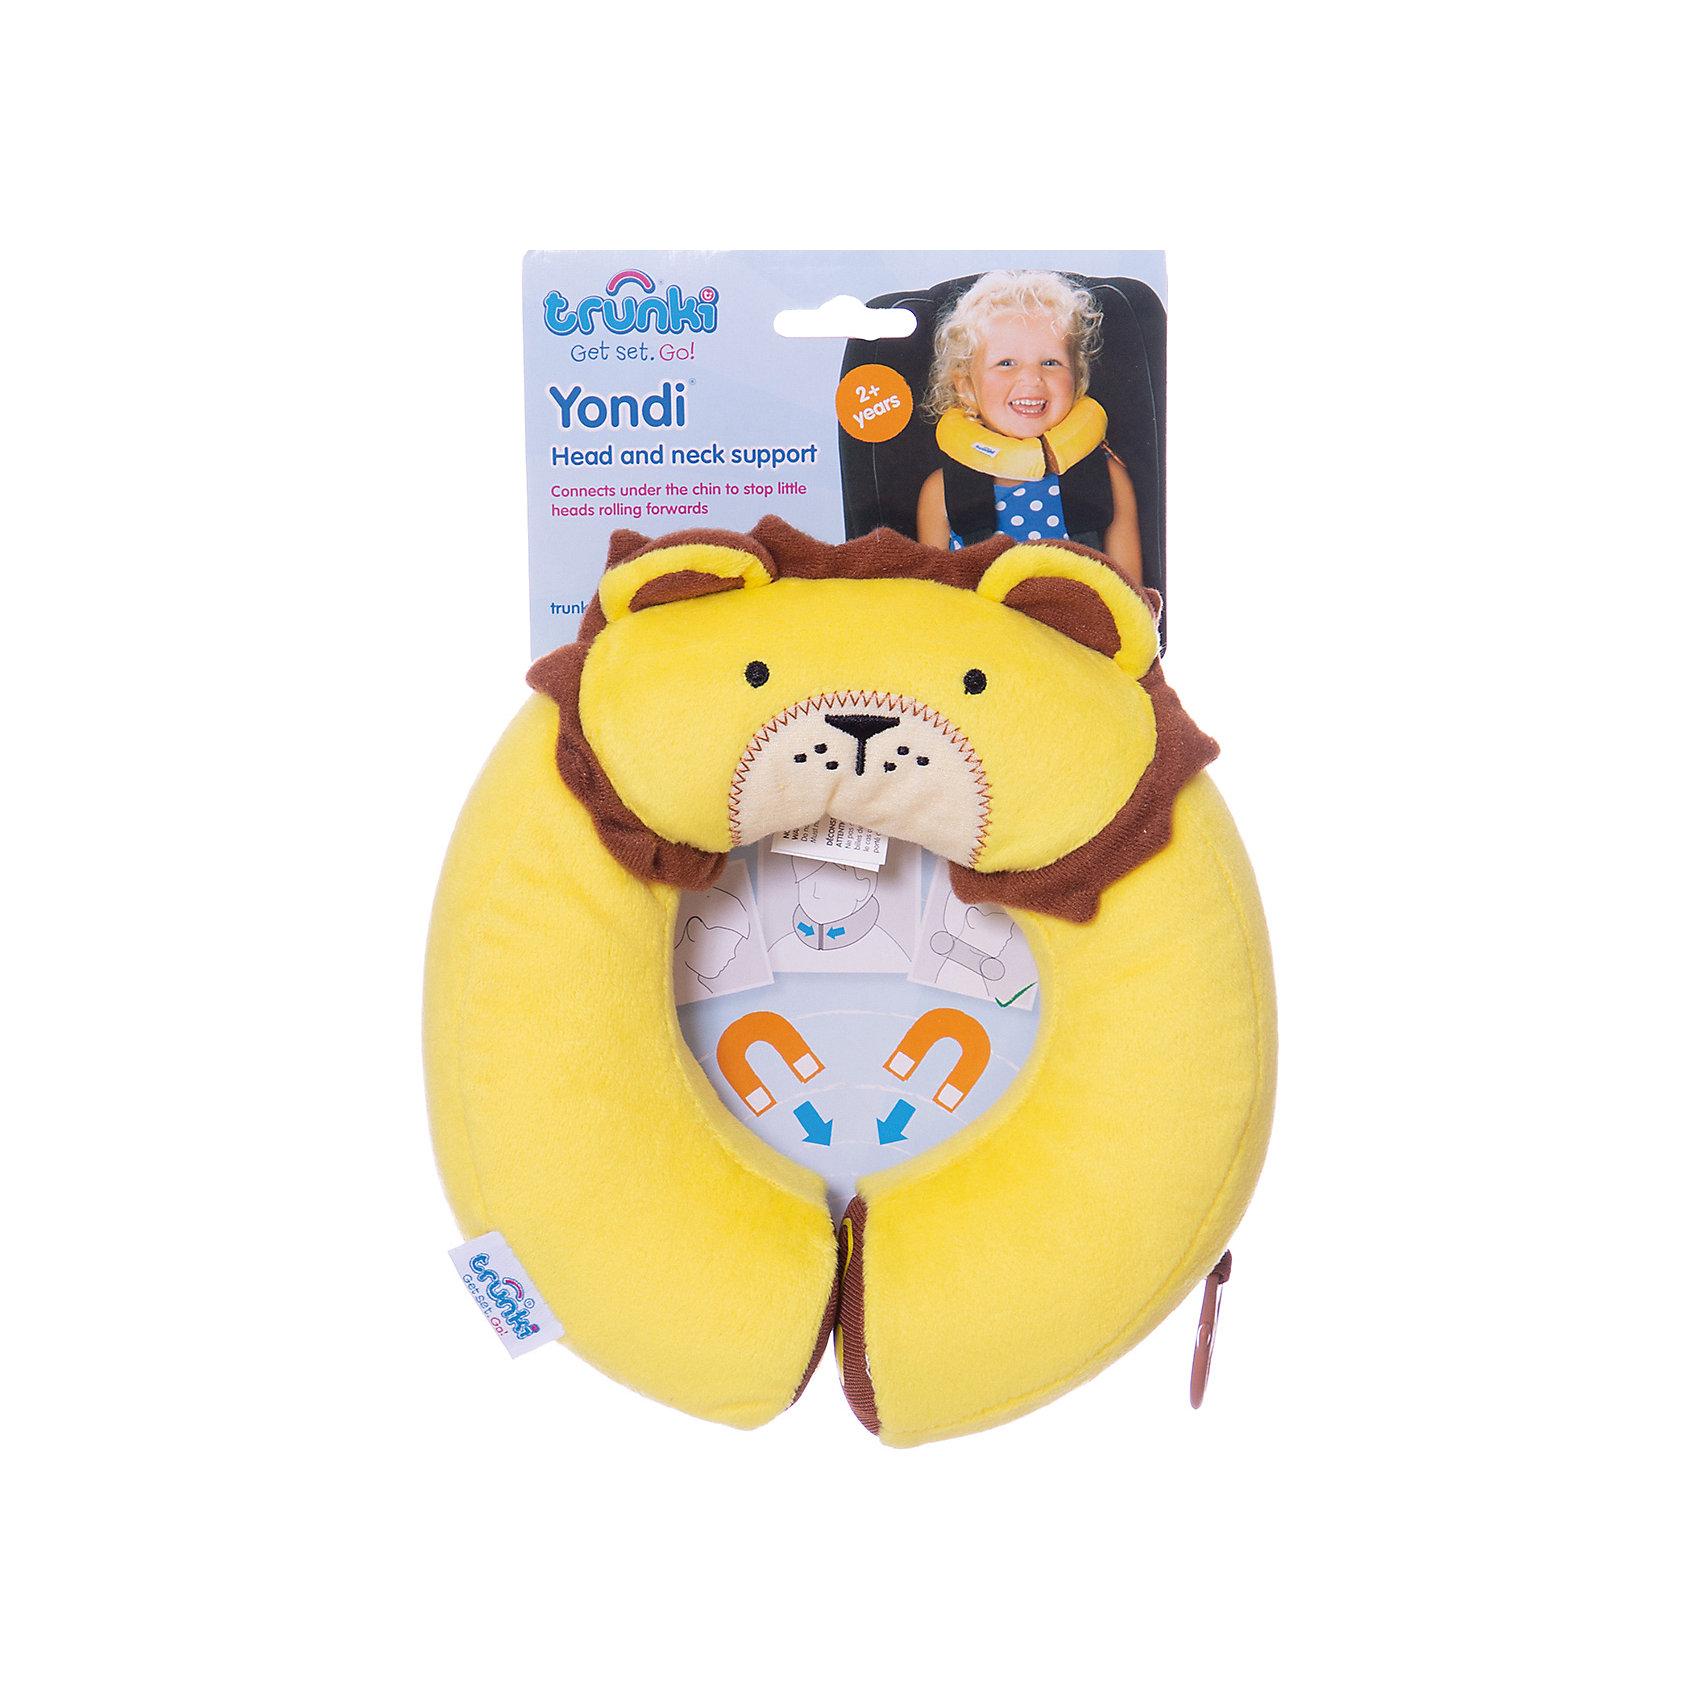 Подголовник Yondi Lion, жёлтыйШейные подушки<br>Яркий подголовник Yondi Lion поможет сделать путешествие ребенка еще более приятным и комфортным. Подголовник выполнен из мягкого приятного на ощупь материала в виде забавной мордочки львенка с гривой. Специальный наполнитель поддерживает анатомическую форму и облегчает нагрузку на шею и плечевые мышцы малыша. Под подбородком подголовник соединяется скрытыми магнитами, которые позволяют зафиксировать голову ребенка для более комфортного отдыха и сна. С помощью универсального держателя Trunki Grip Вы можете закрепить одеяло или плед, а также повесить солнцезащитные детские очки. Подголовник соответствует международным стандартам безопасности: CE и ASTM. Возможно использование с детскими автокреслами.<br><br>Дополнительная информация:<br><br>- Материал: текстиль. <br>- Внутренний диаметр подголовника: 10 см. (окружность 28 см.).<br>- Внешний диаметр: 20 см.<br>- Размер упаковки: 22 х 20 х 5 см.<br>- Вес: 100 гр.<br><br>Подголовник Yondi Lion, желтый, Trunki, можно купить в нашем интернет-магазине.<br><br>Ширина мм: 220<br>Глубина мм: 200<br>Высота мм: 50<br>Вес г: 100<br>Возраст от месяцев: 36<br>Возраст до месяцев: 60<br>Пол: Унисекс<br>Возраст: Детский<br>SKU: 4660577